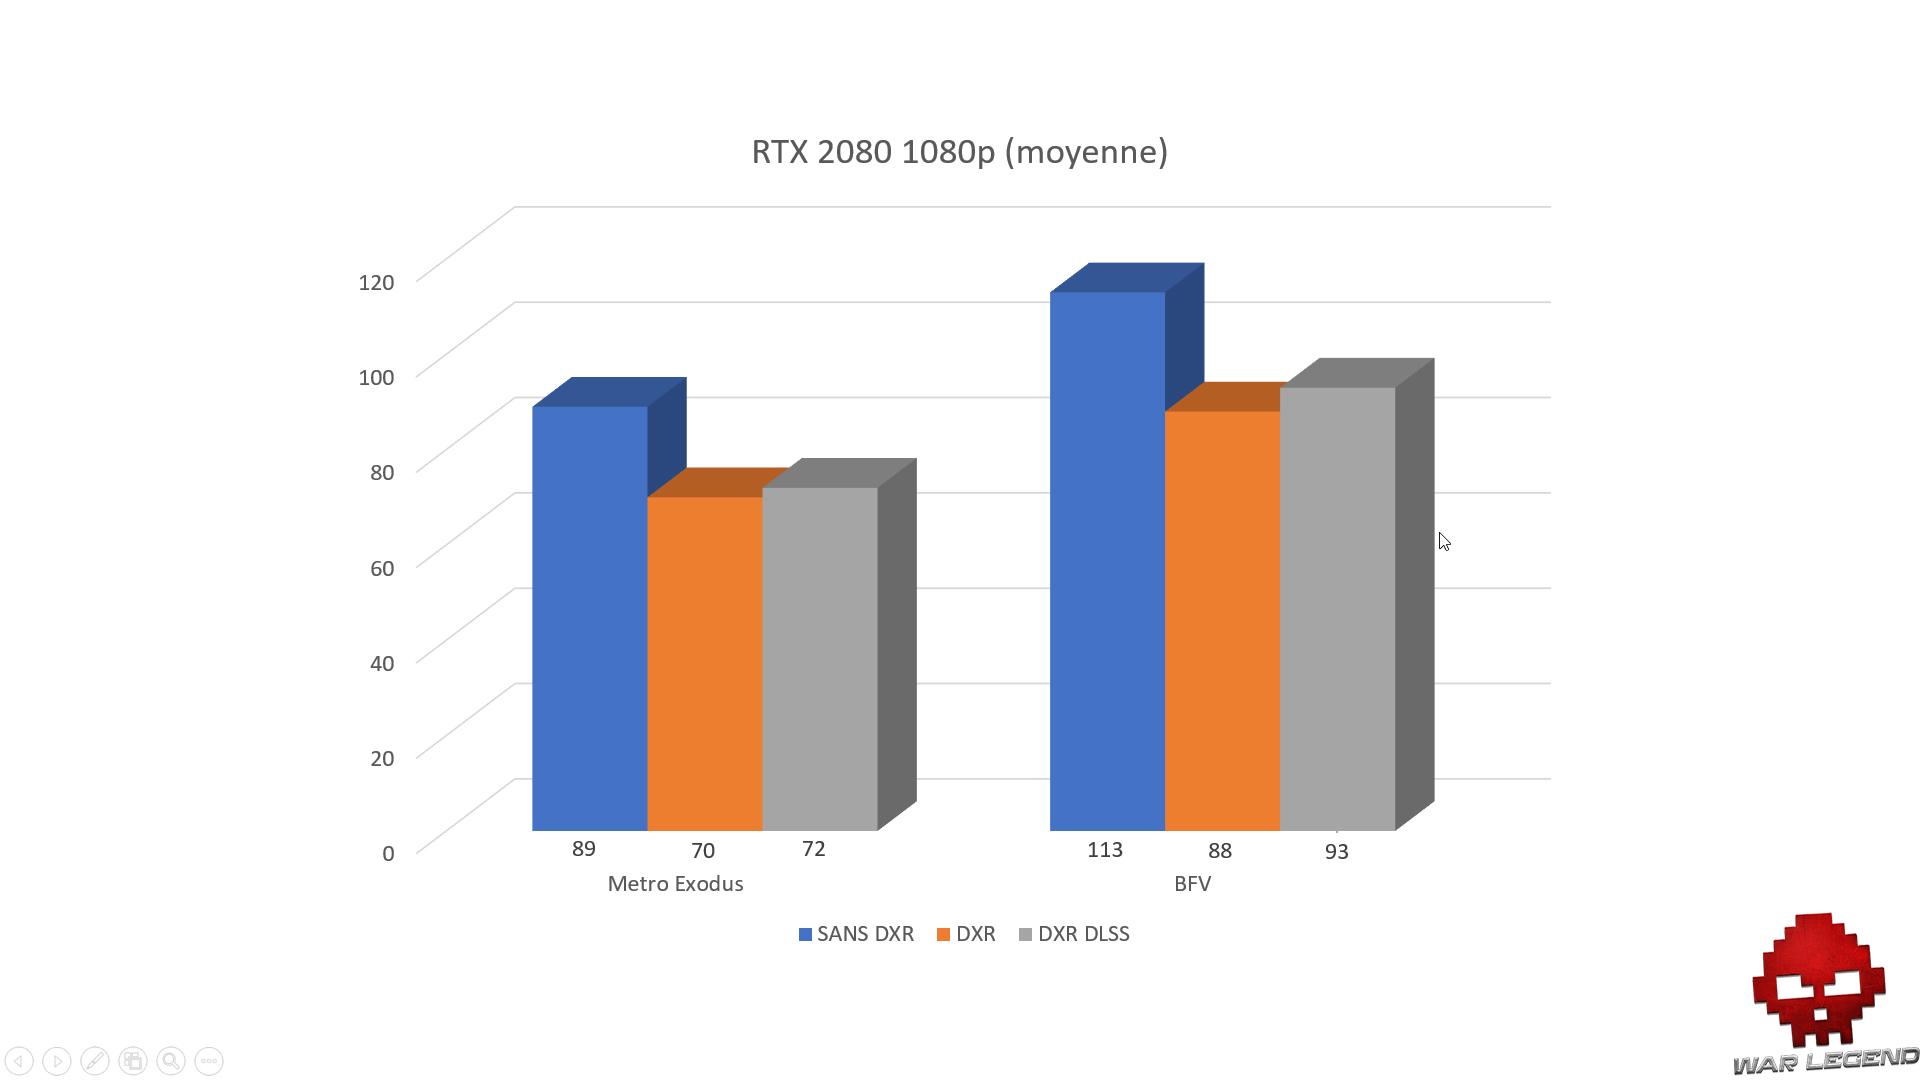 Graphique RTX 2080 1080p DXR